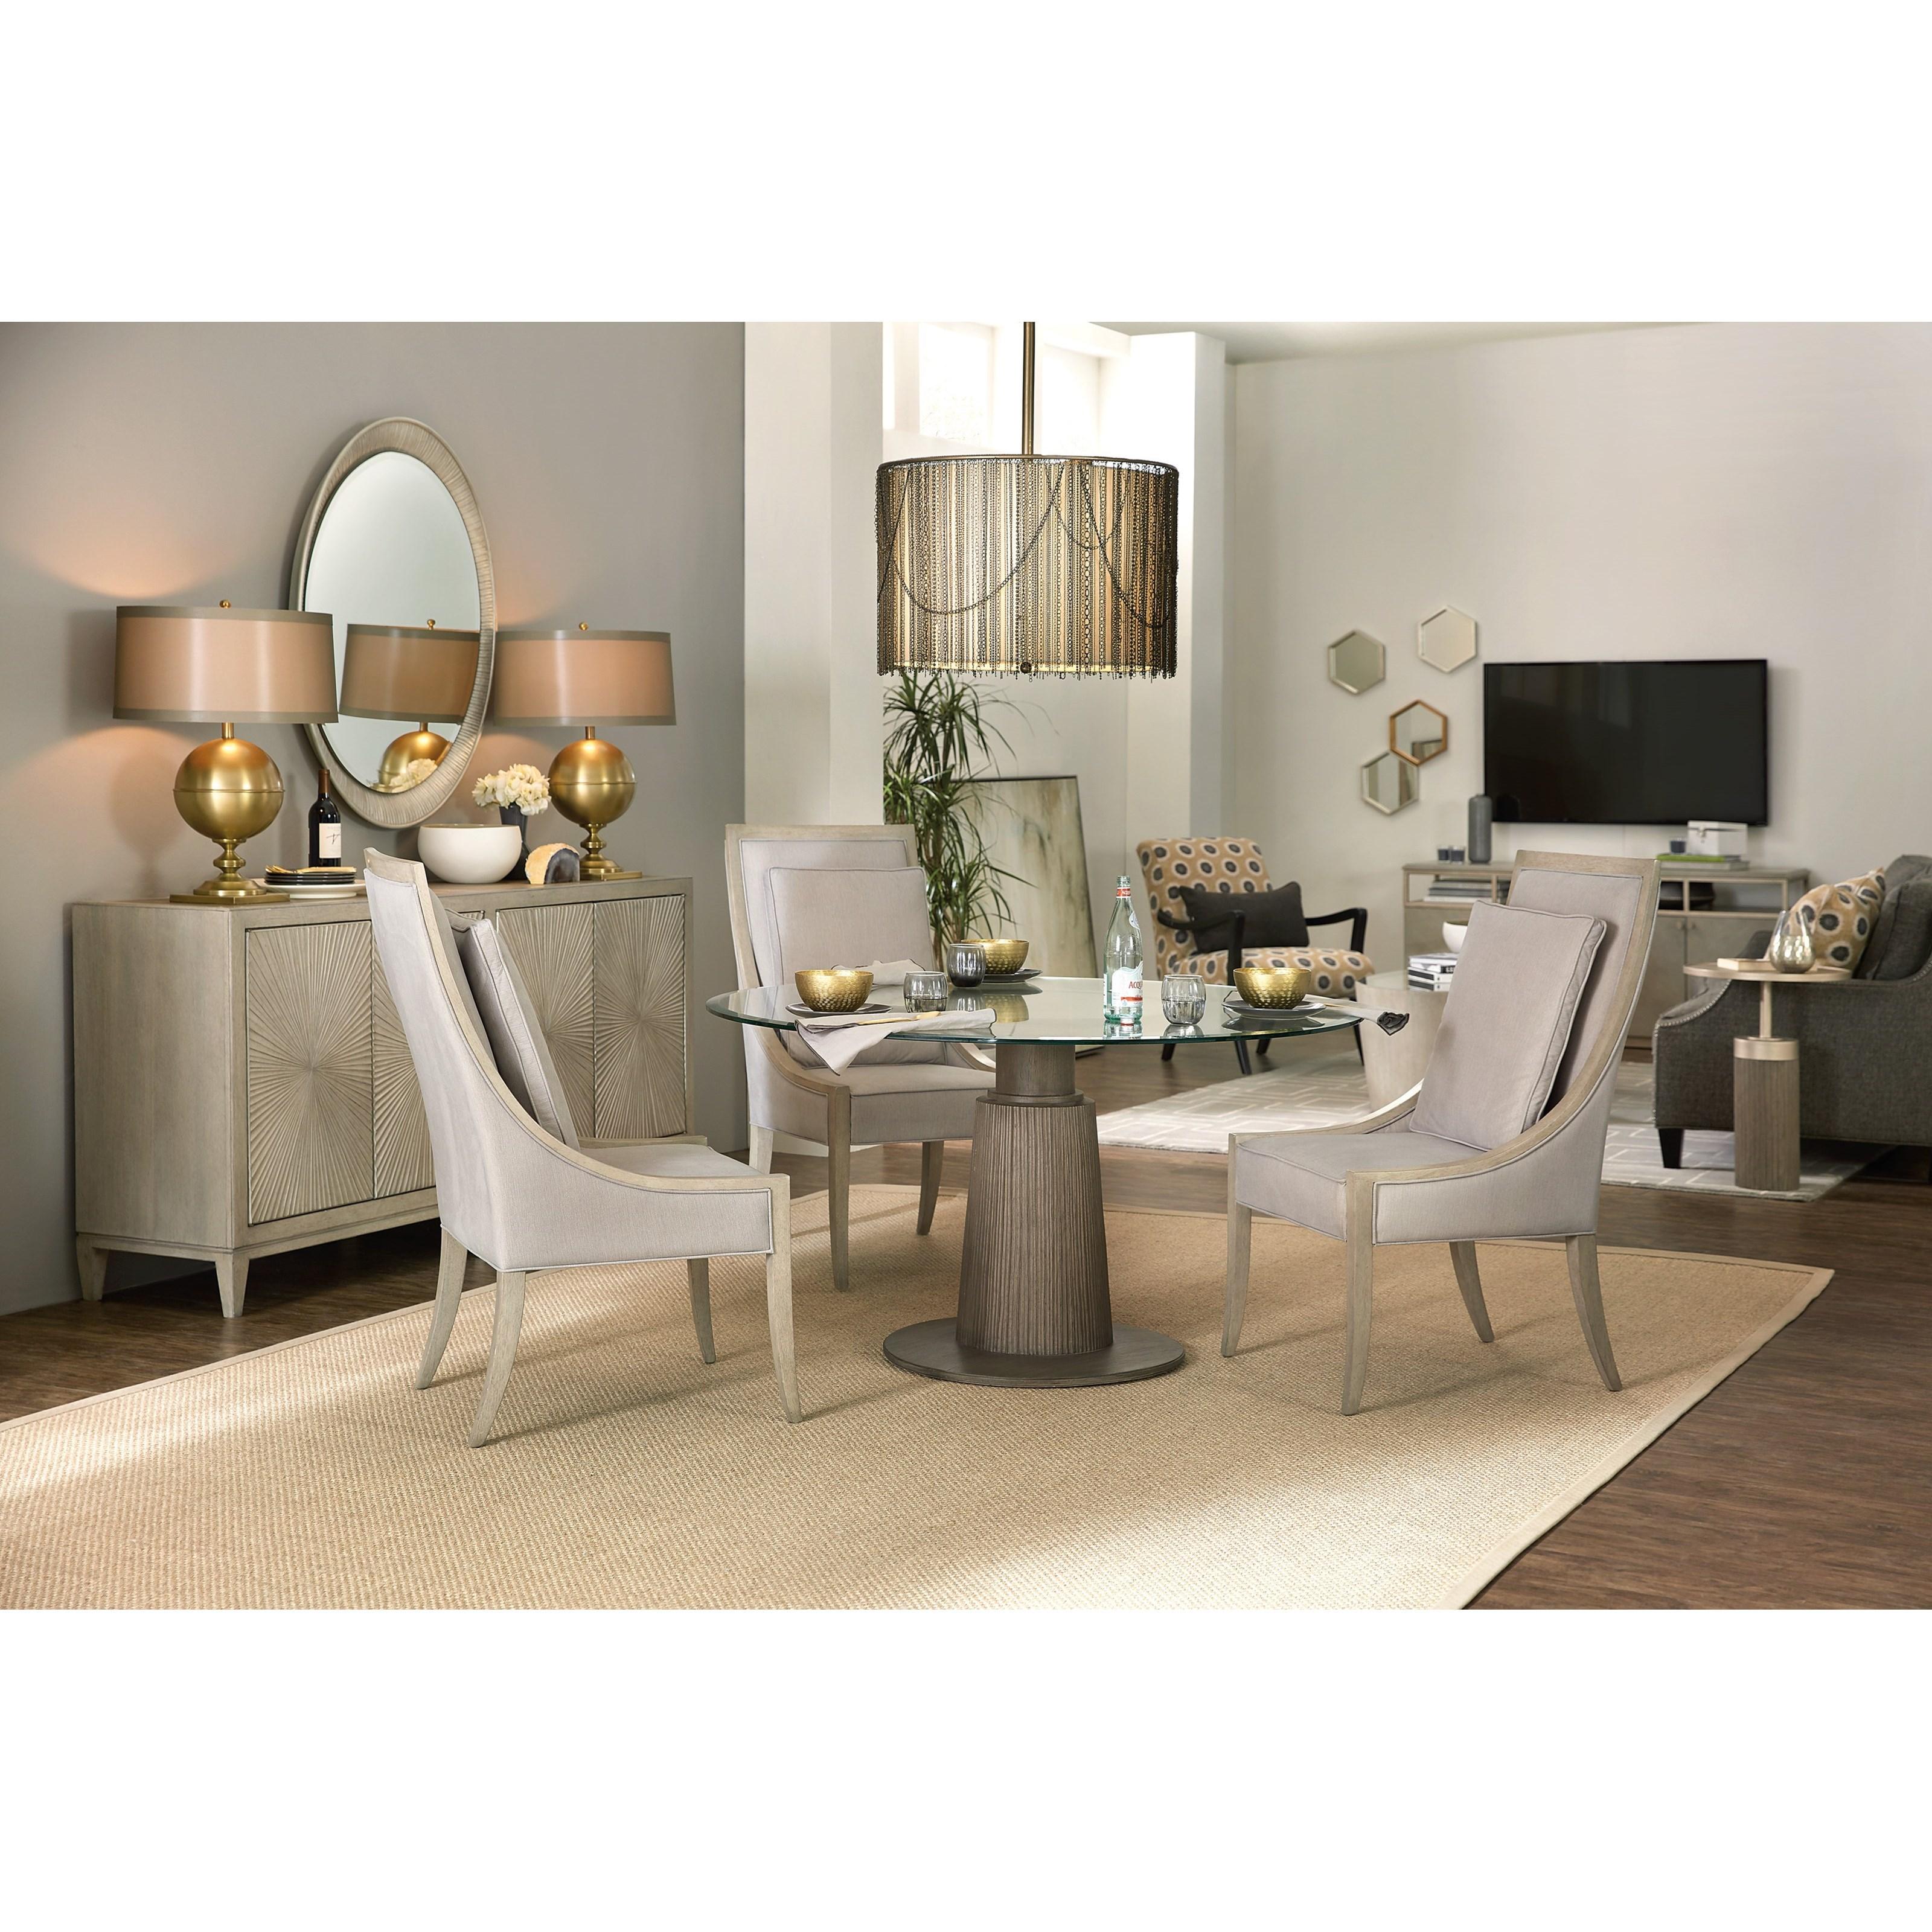 Hooker Furniture Elixir 5990 75900 Ltwd Buffet With